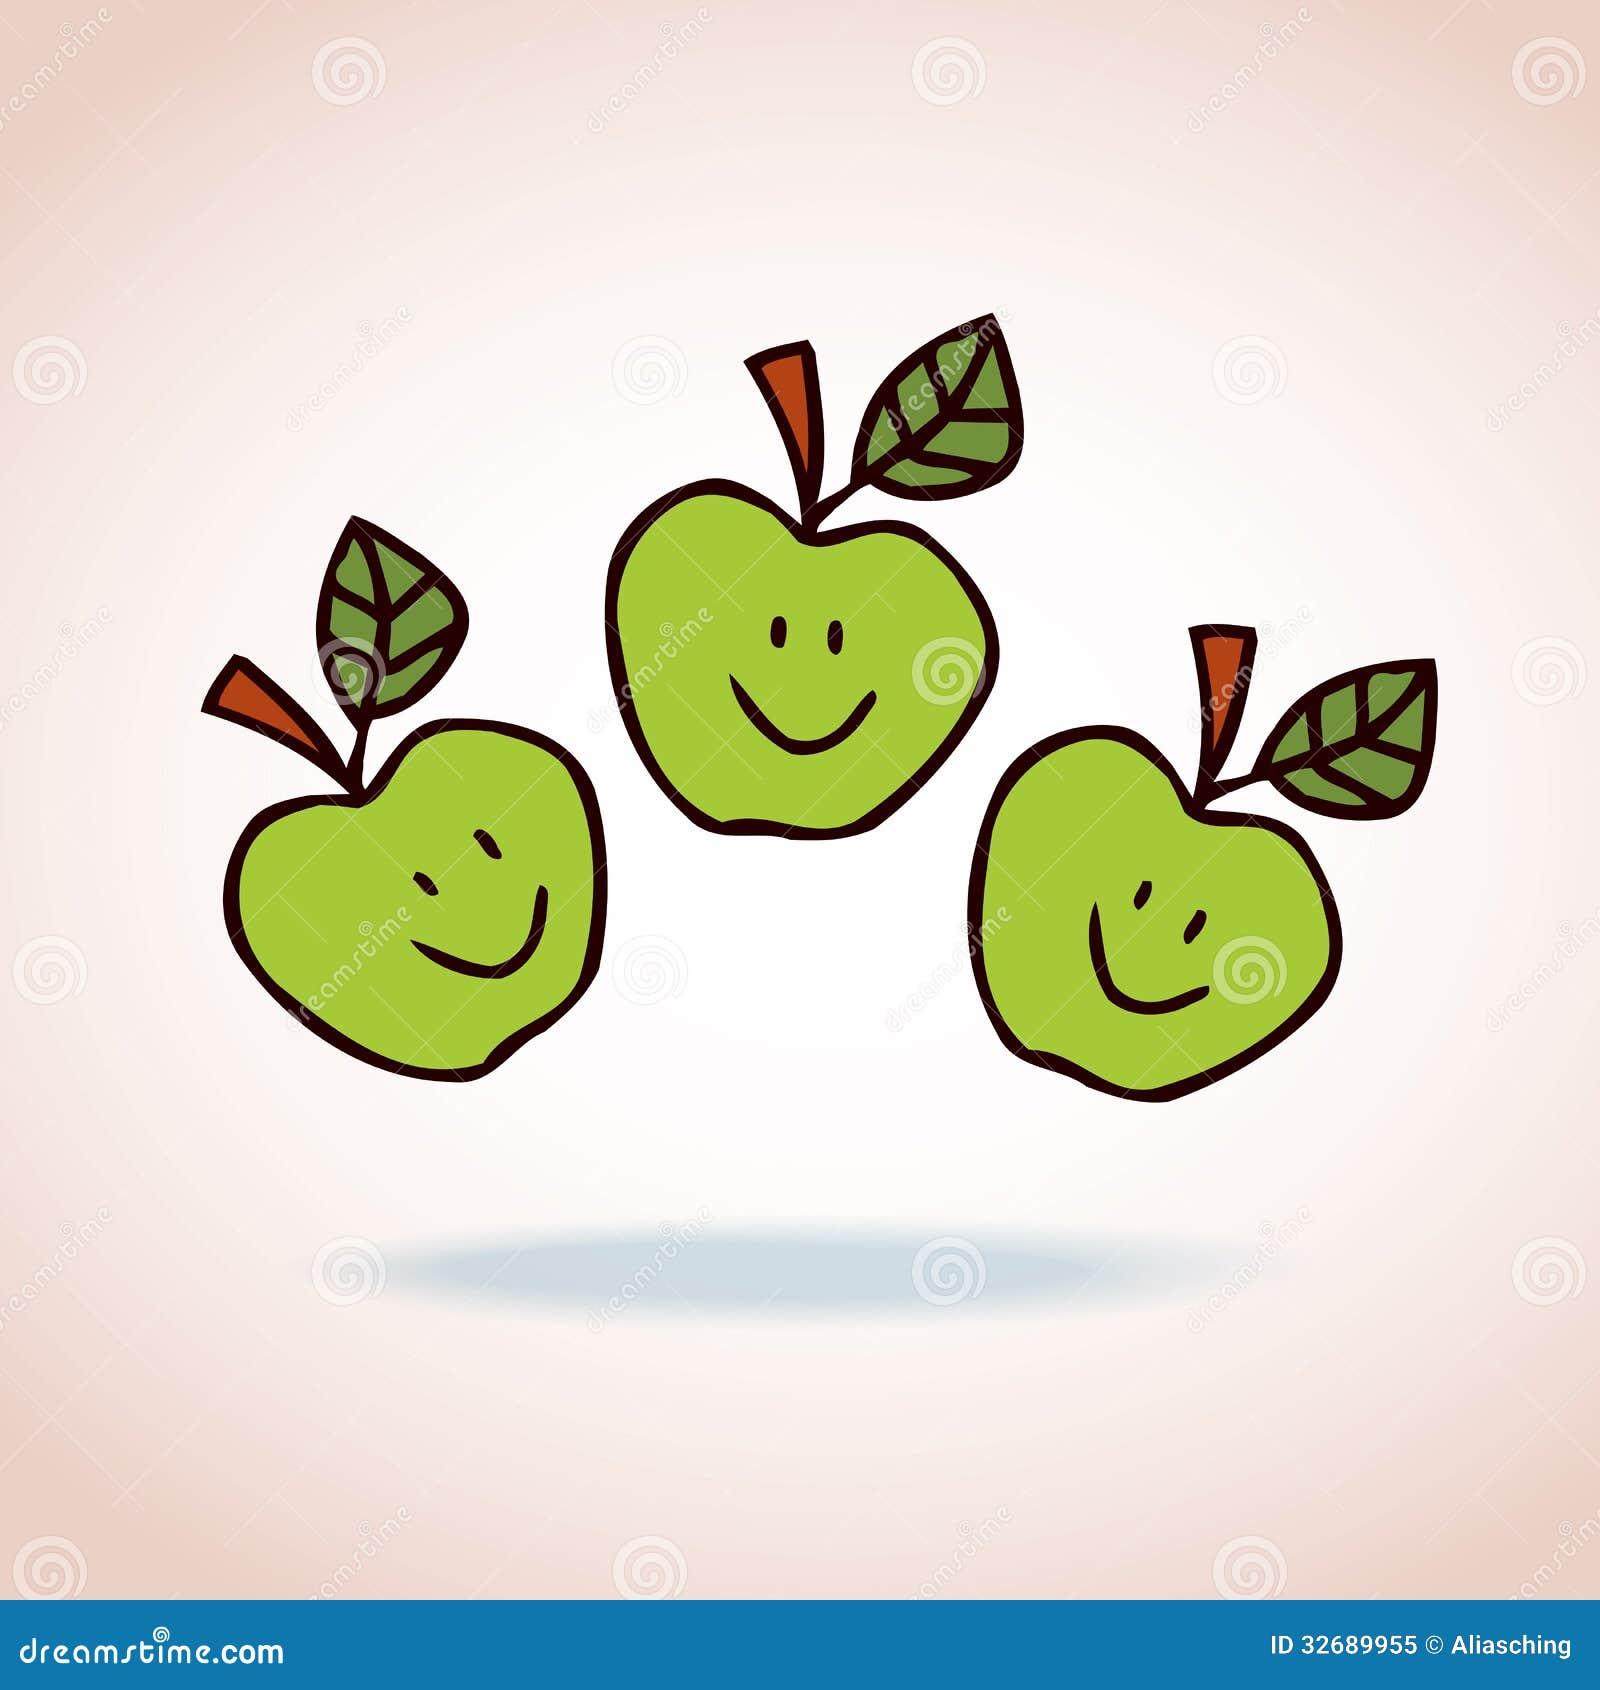 Happy Cartoon Apples Royalty Free Stock Photo - Image: 32689955